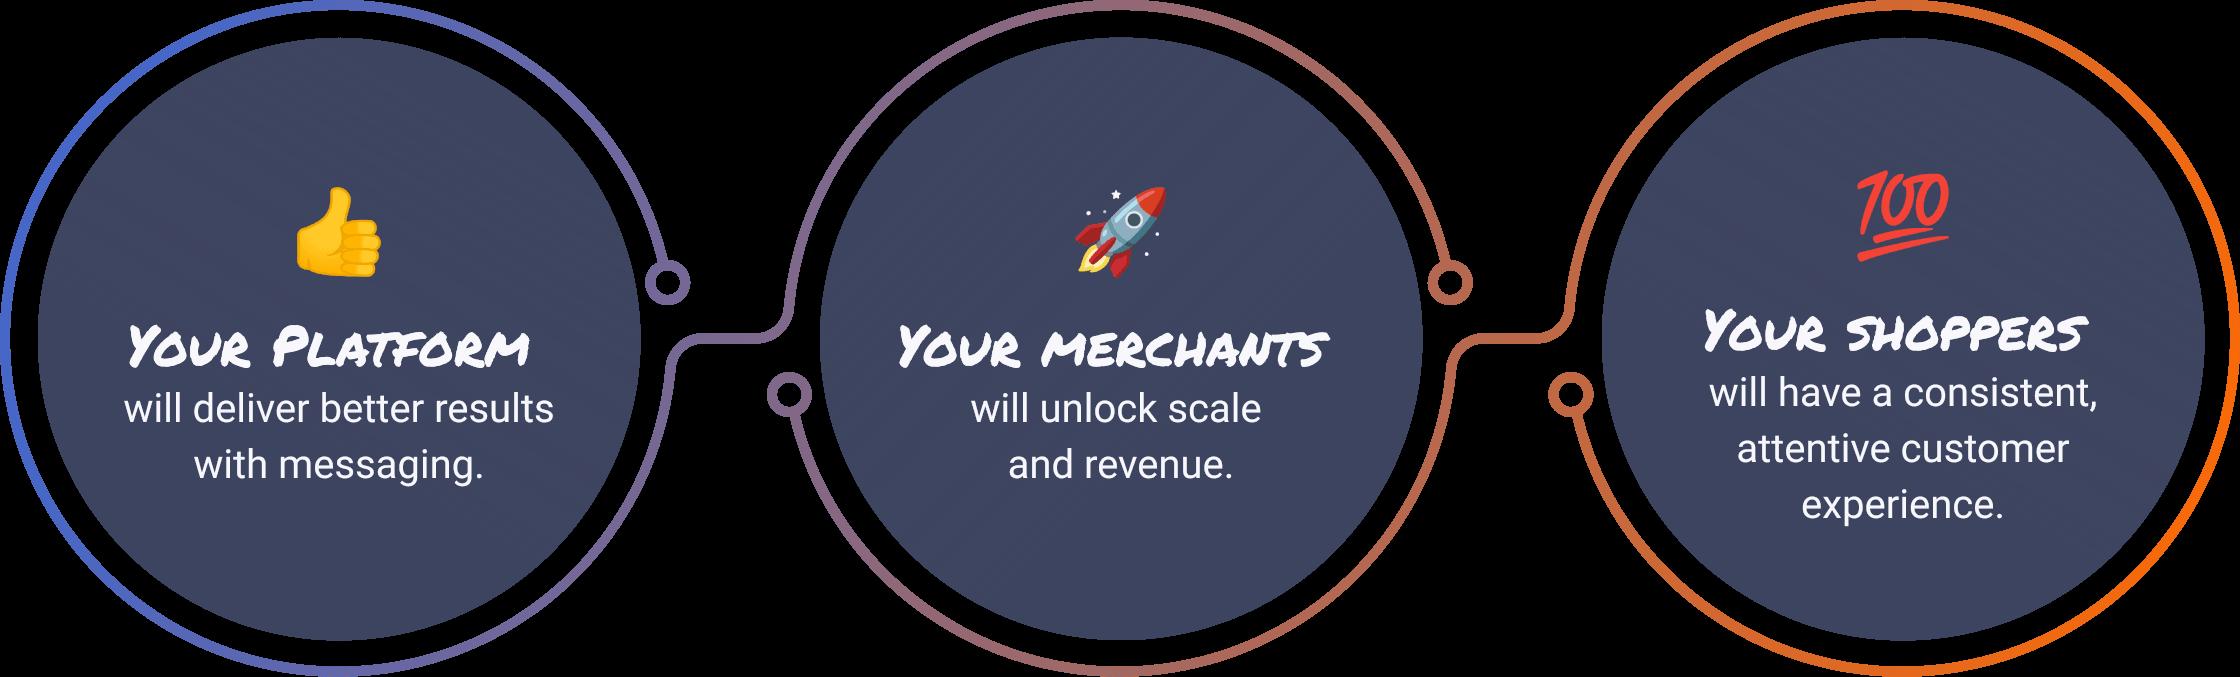 图形表明解决方案将帮助您的平台,商家和购物者